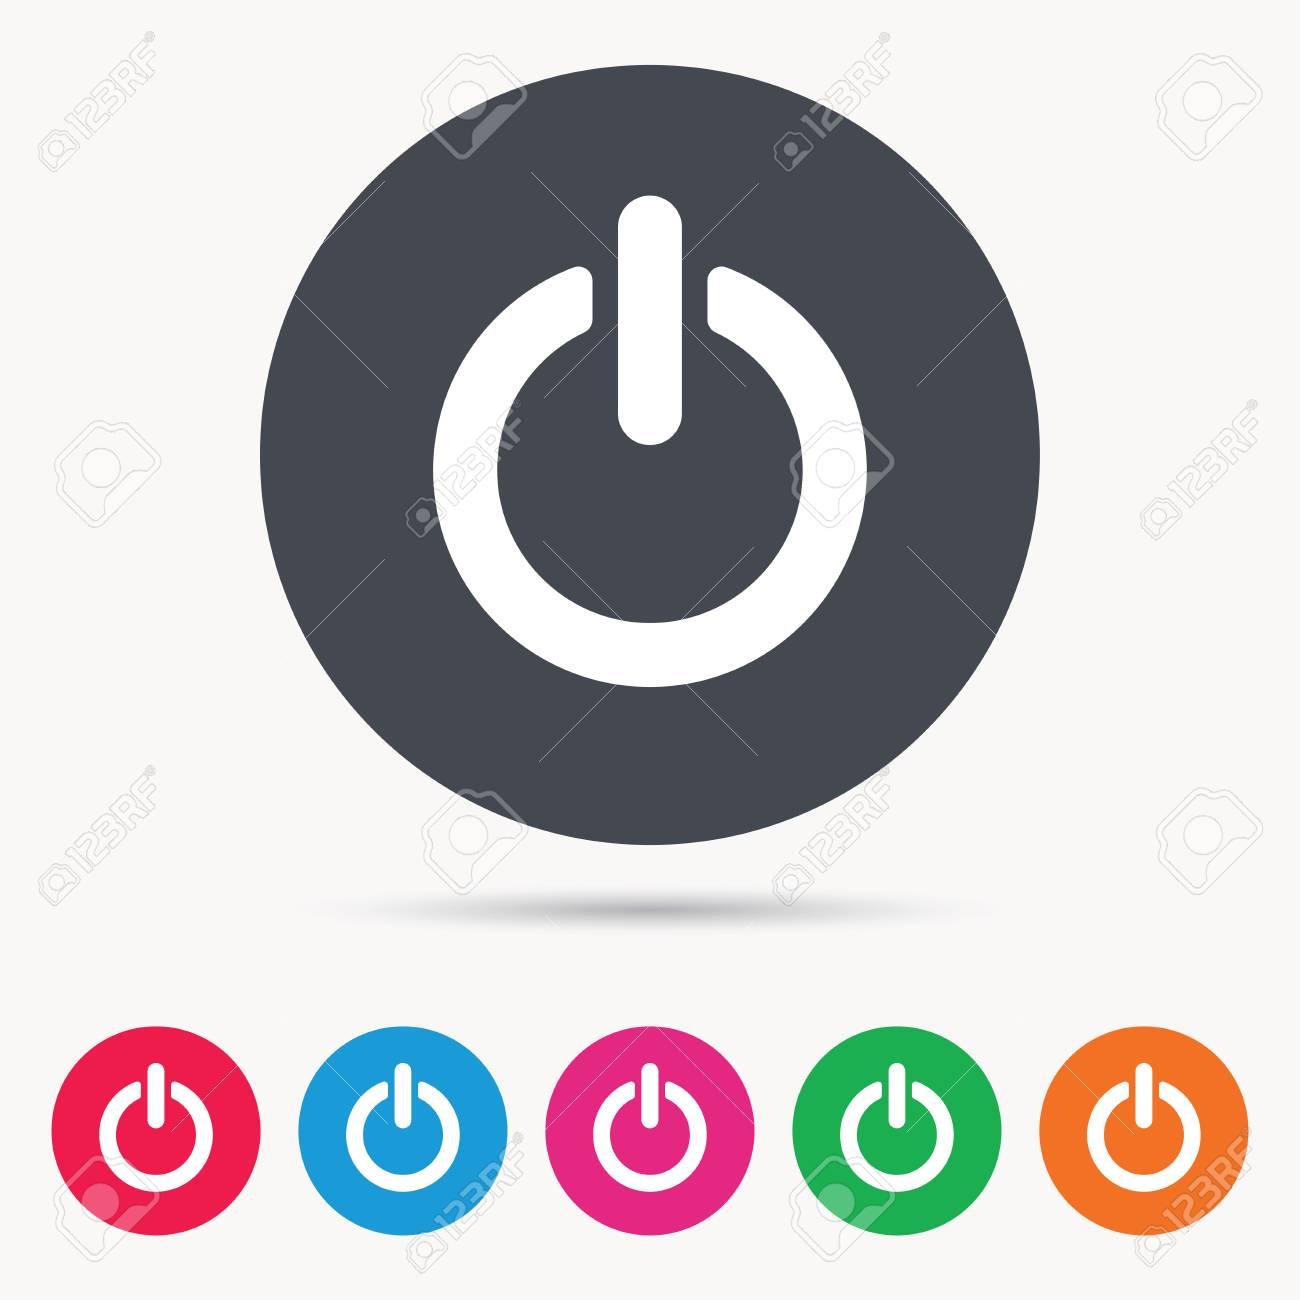 Ziemlich Schaltsymbol Für Einen Schalter Zeitgenössisch - Schaltplan ...